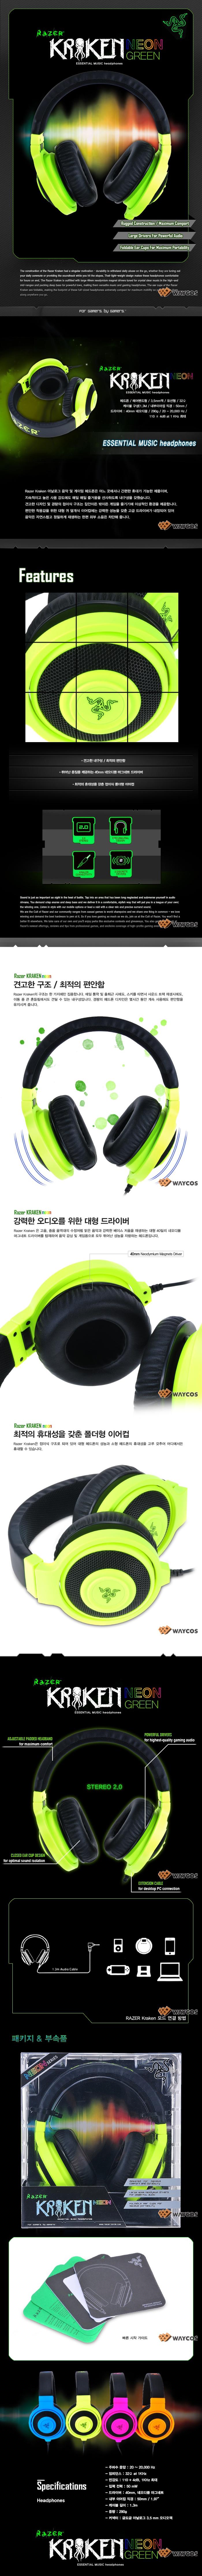 kraken neon green.jpg